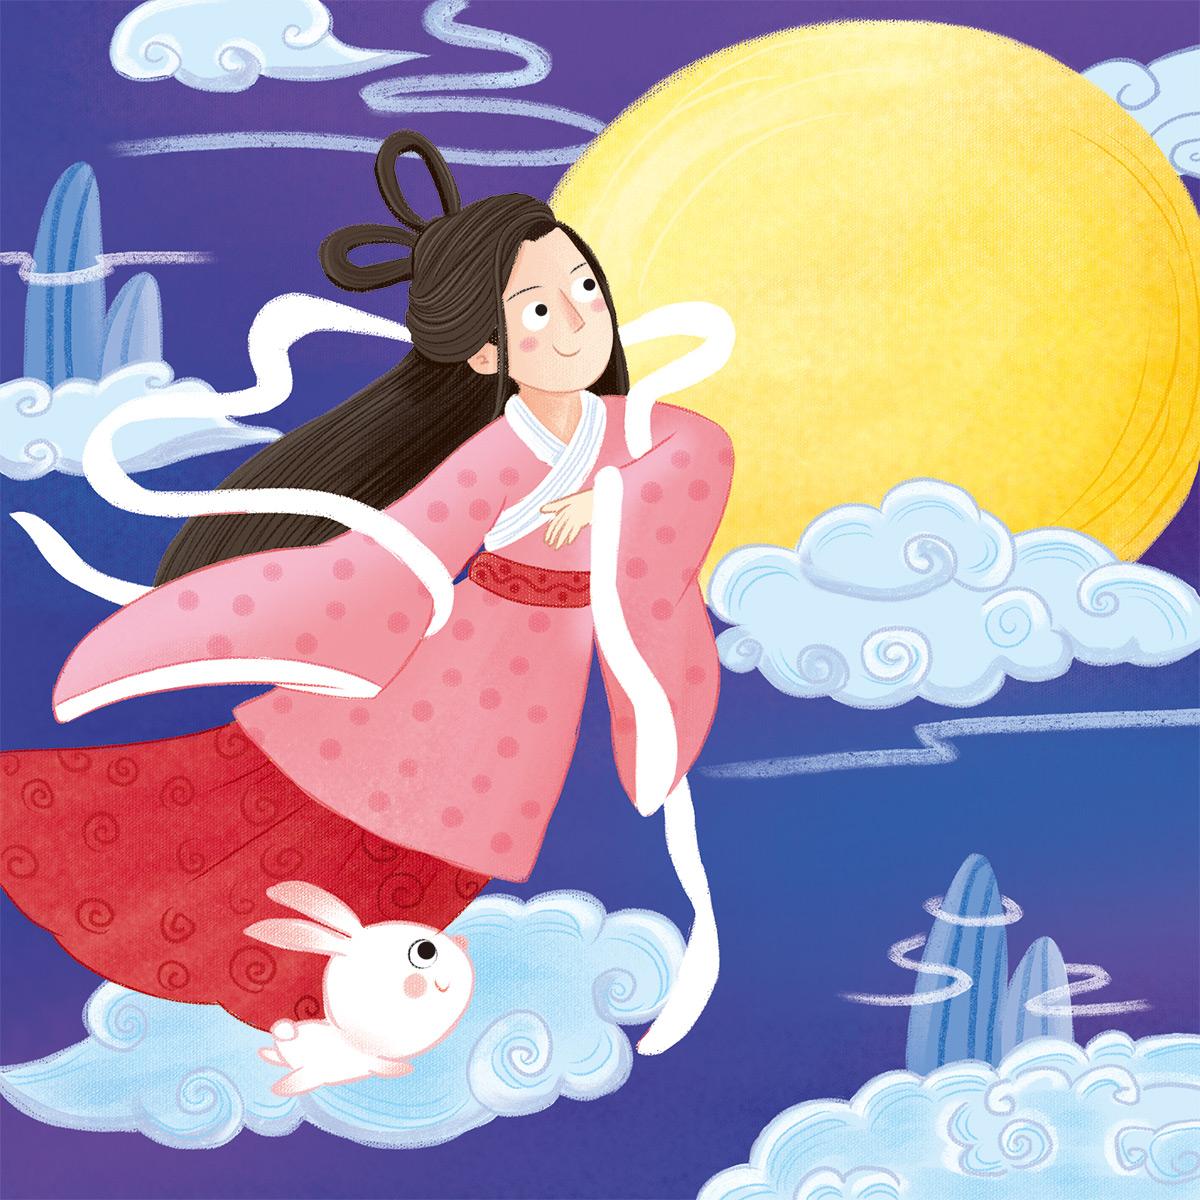 中国古典神話伝説(上)非実体書天猫精選内容【天猫精灵有声内容】